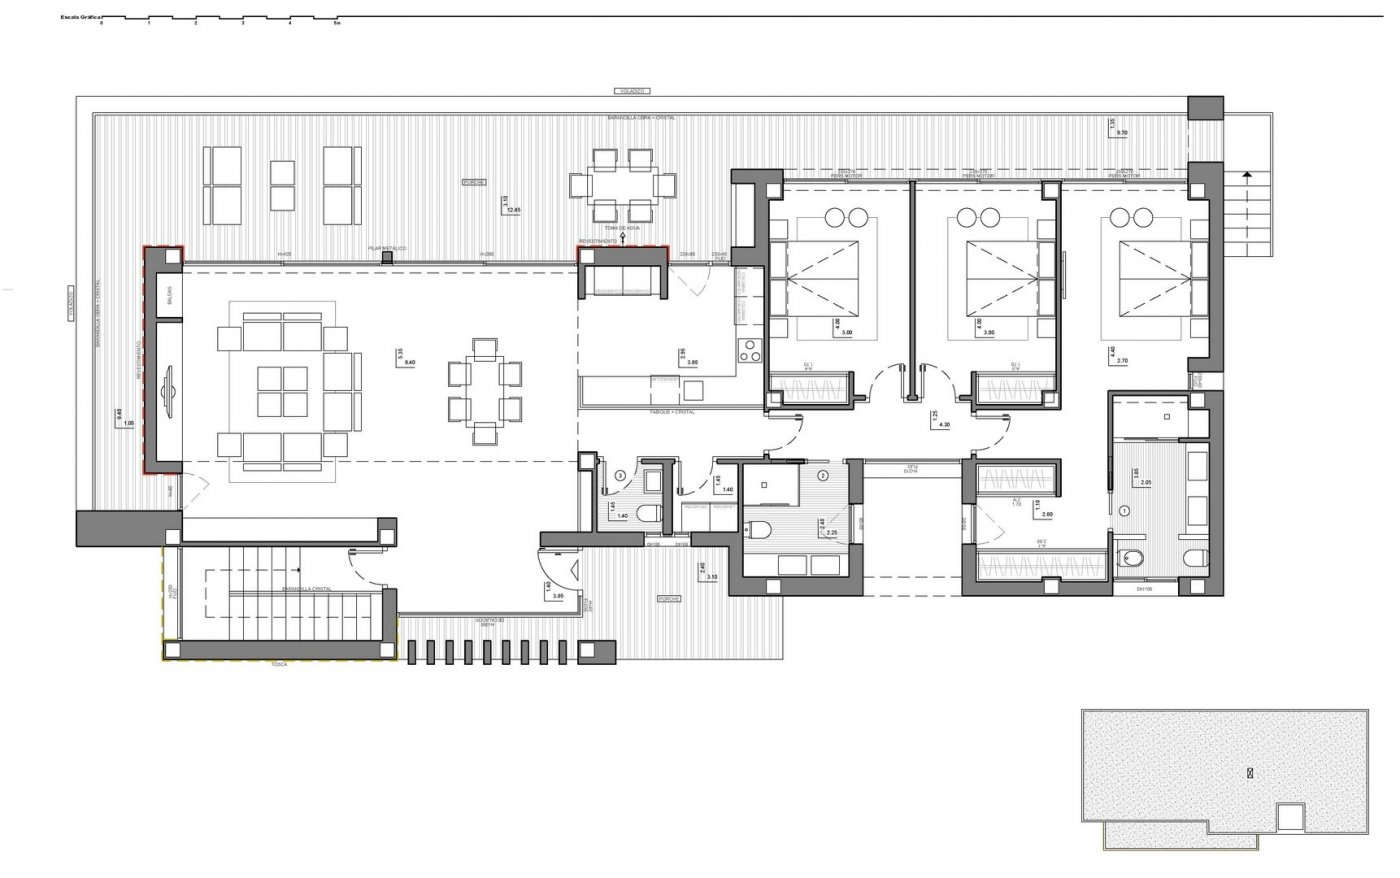 Villa moderna de lujo en venta en cumbres del sol - imagenInmueble7